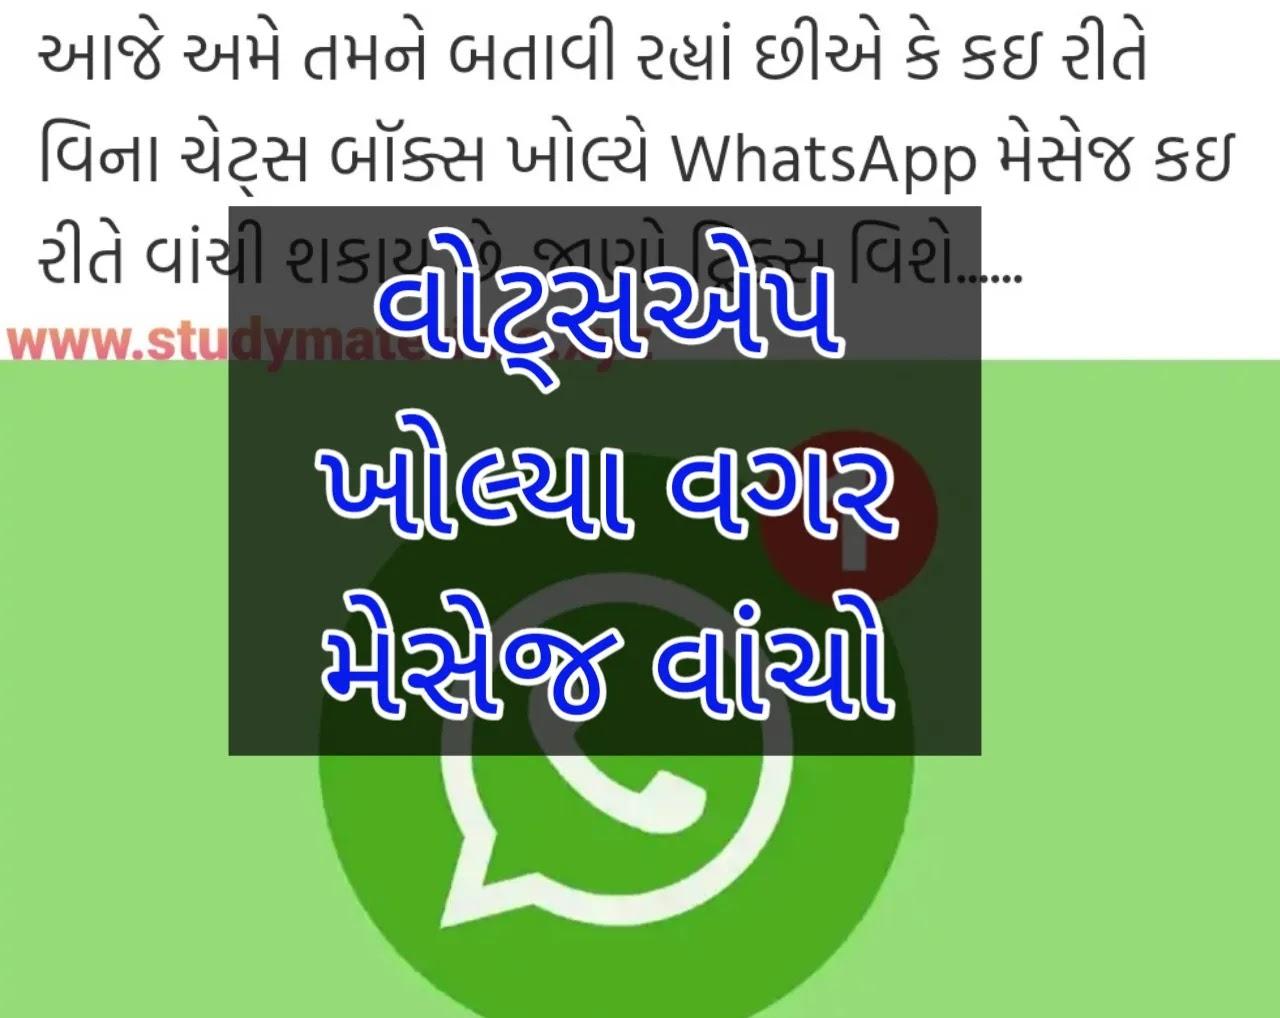 Watsapp new Trick